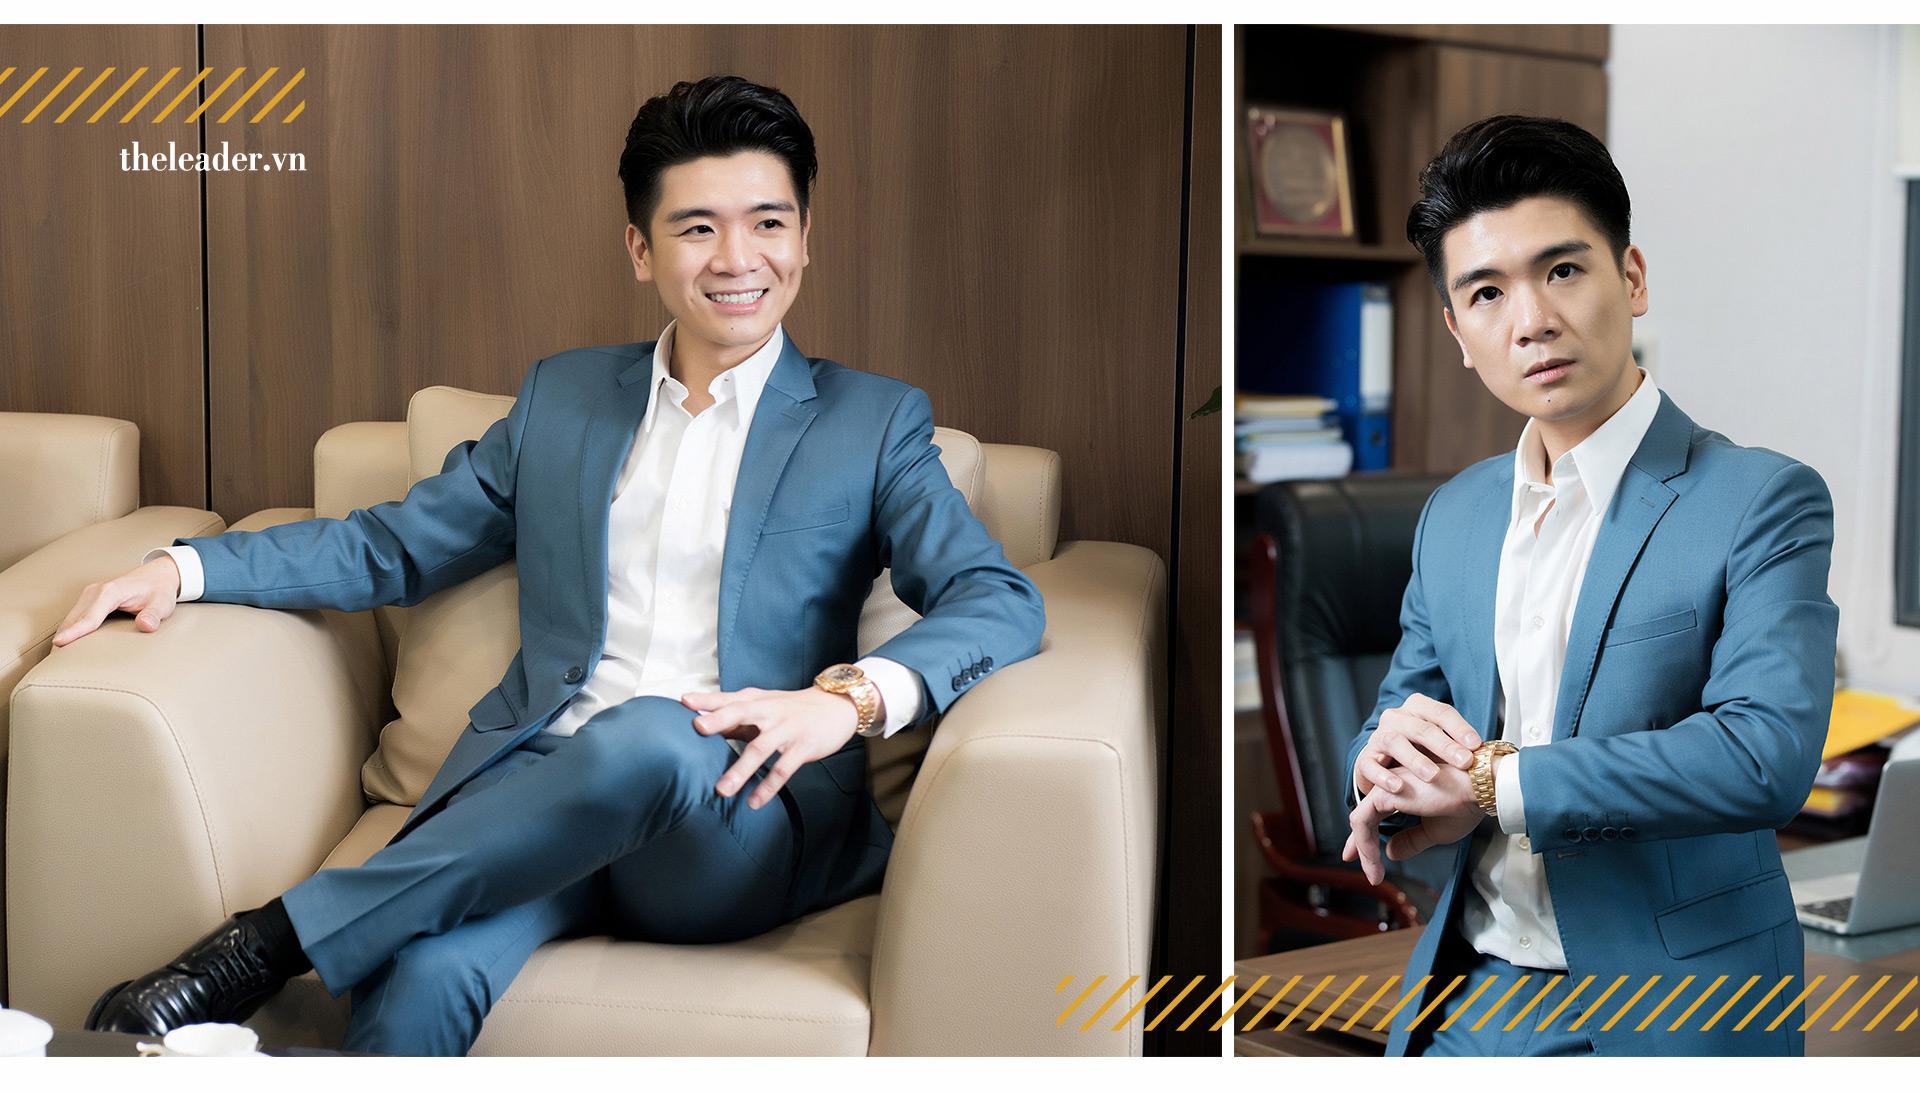 CEO T&T Mỹ Đỗ Quang Vinh: Sẵn sàng cho thử thách mới 2